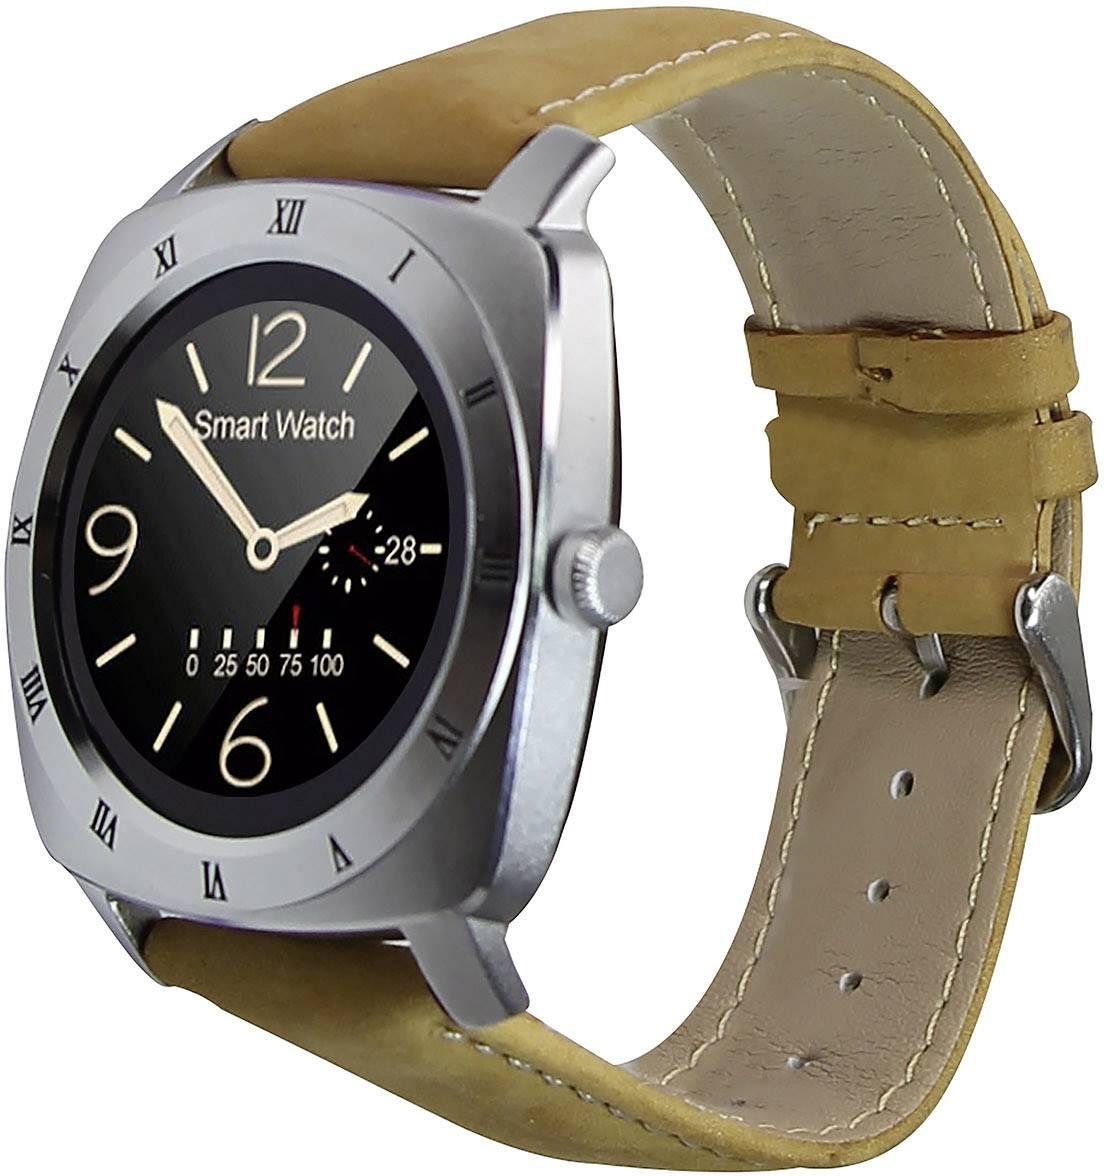 Chytré hodinky Xlyne Nara XW Pro CL, stříbrná, hnědá